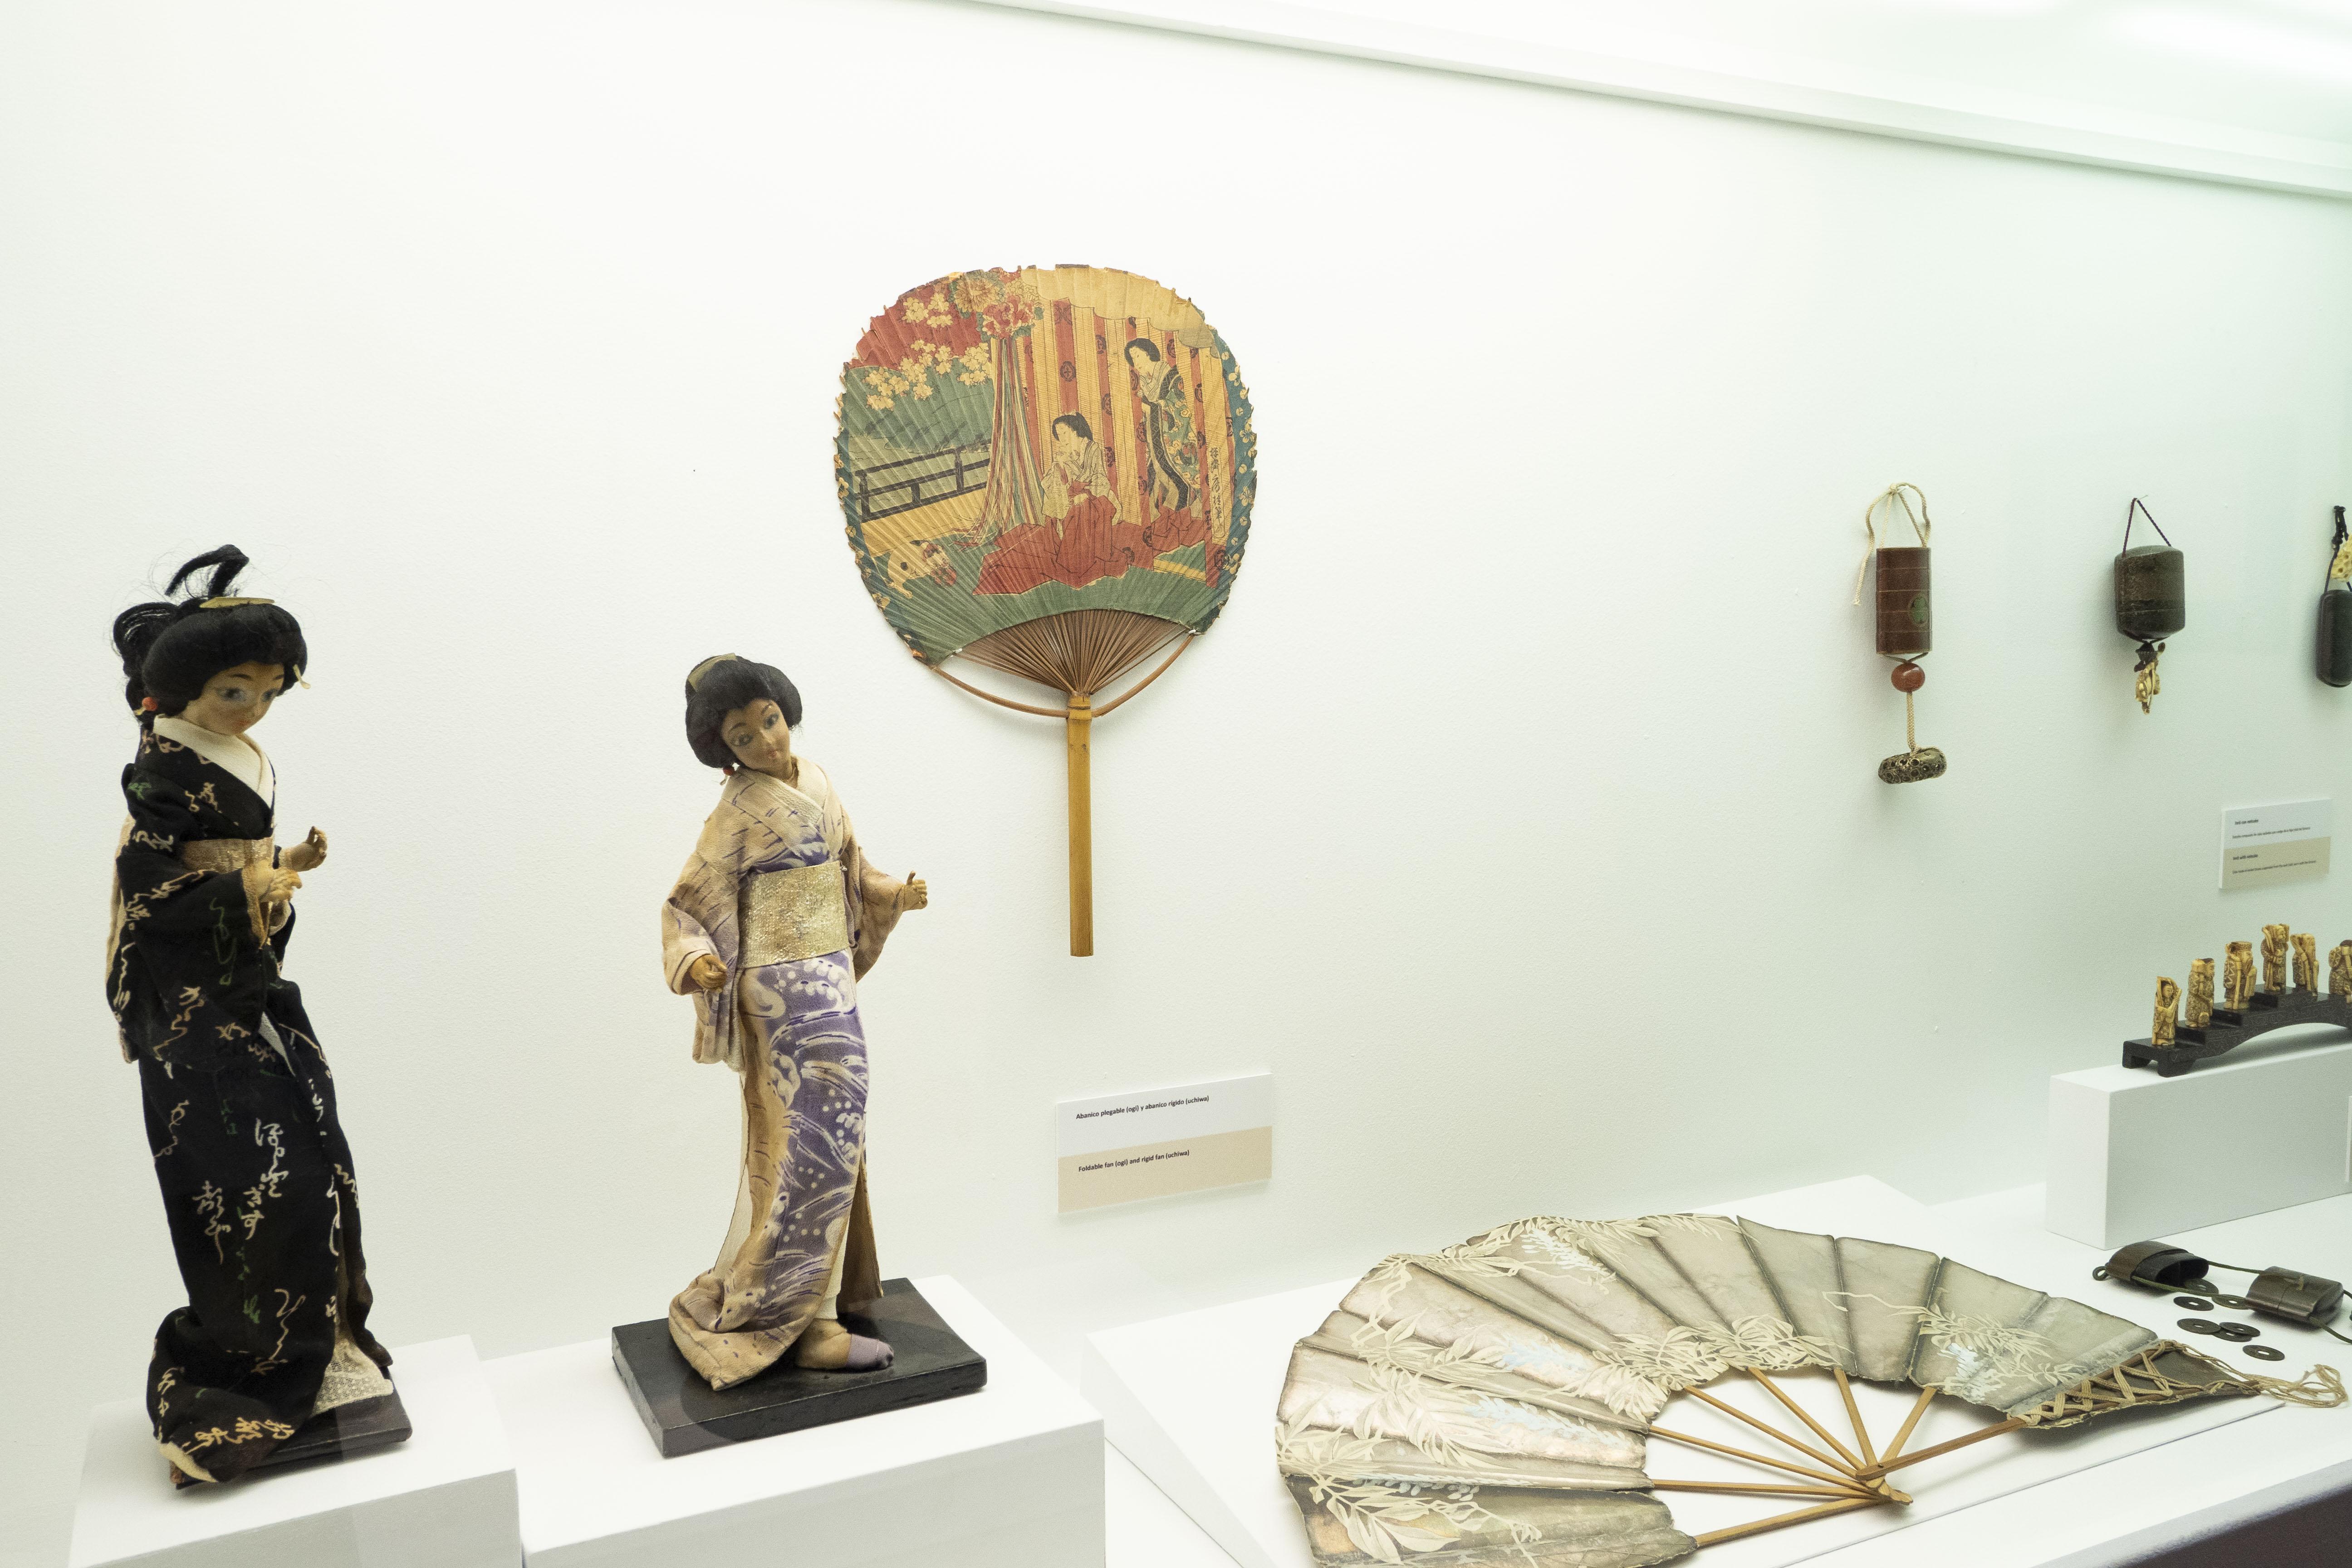 El arte japonés llega al Espacio Cultural CajaCanarias La Palma con la exposición Geisha y Samurái